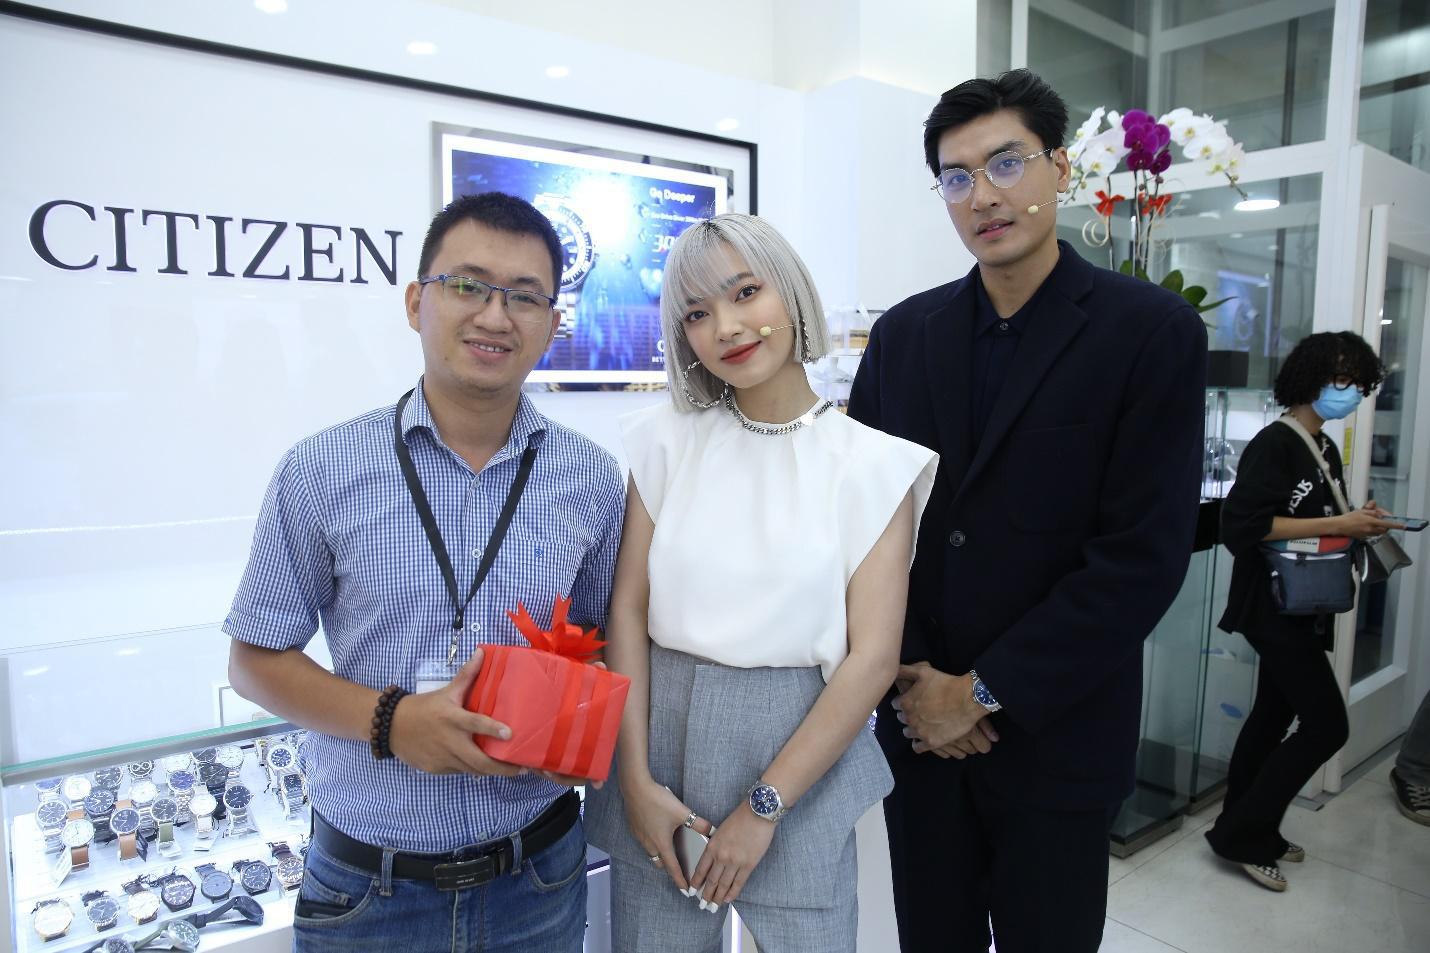 Châu Bùi, Quang Đại khoe thần thái trong sự kiện ra mắt BST mới từ CITIZEN - Ảnh 2.